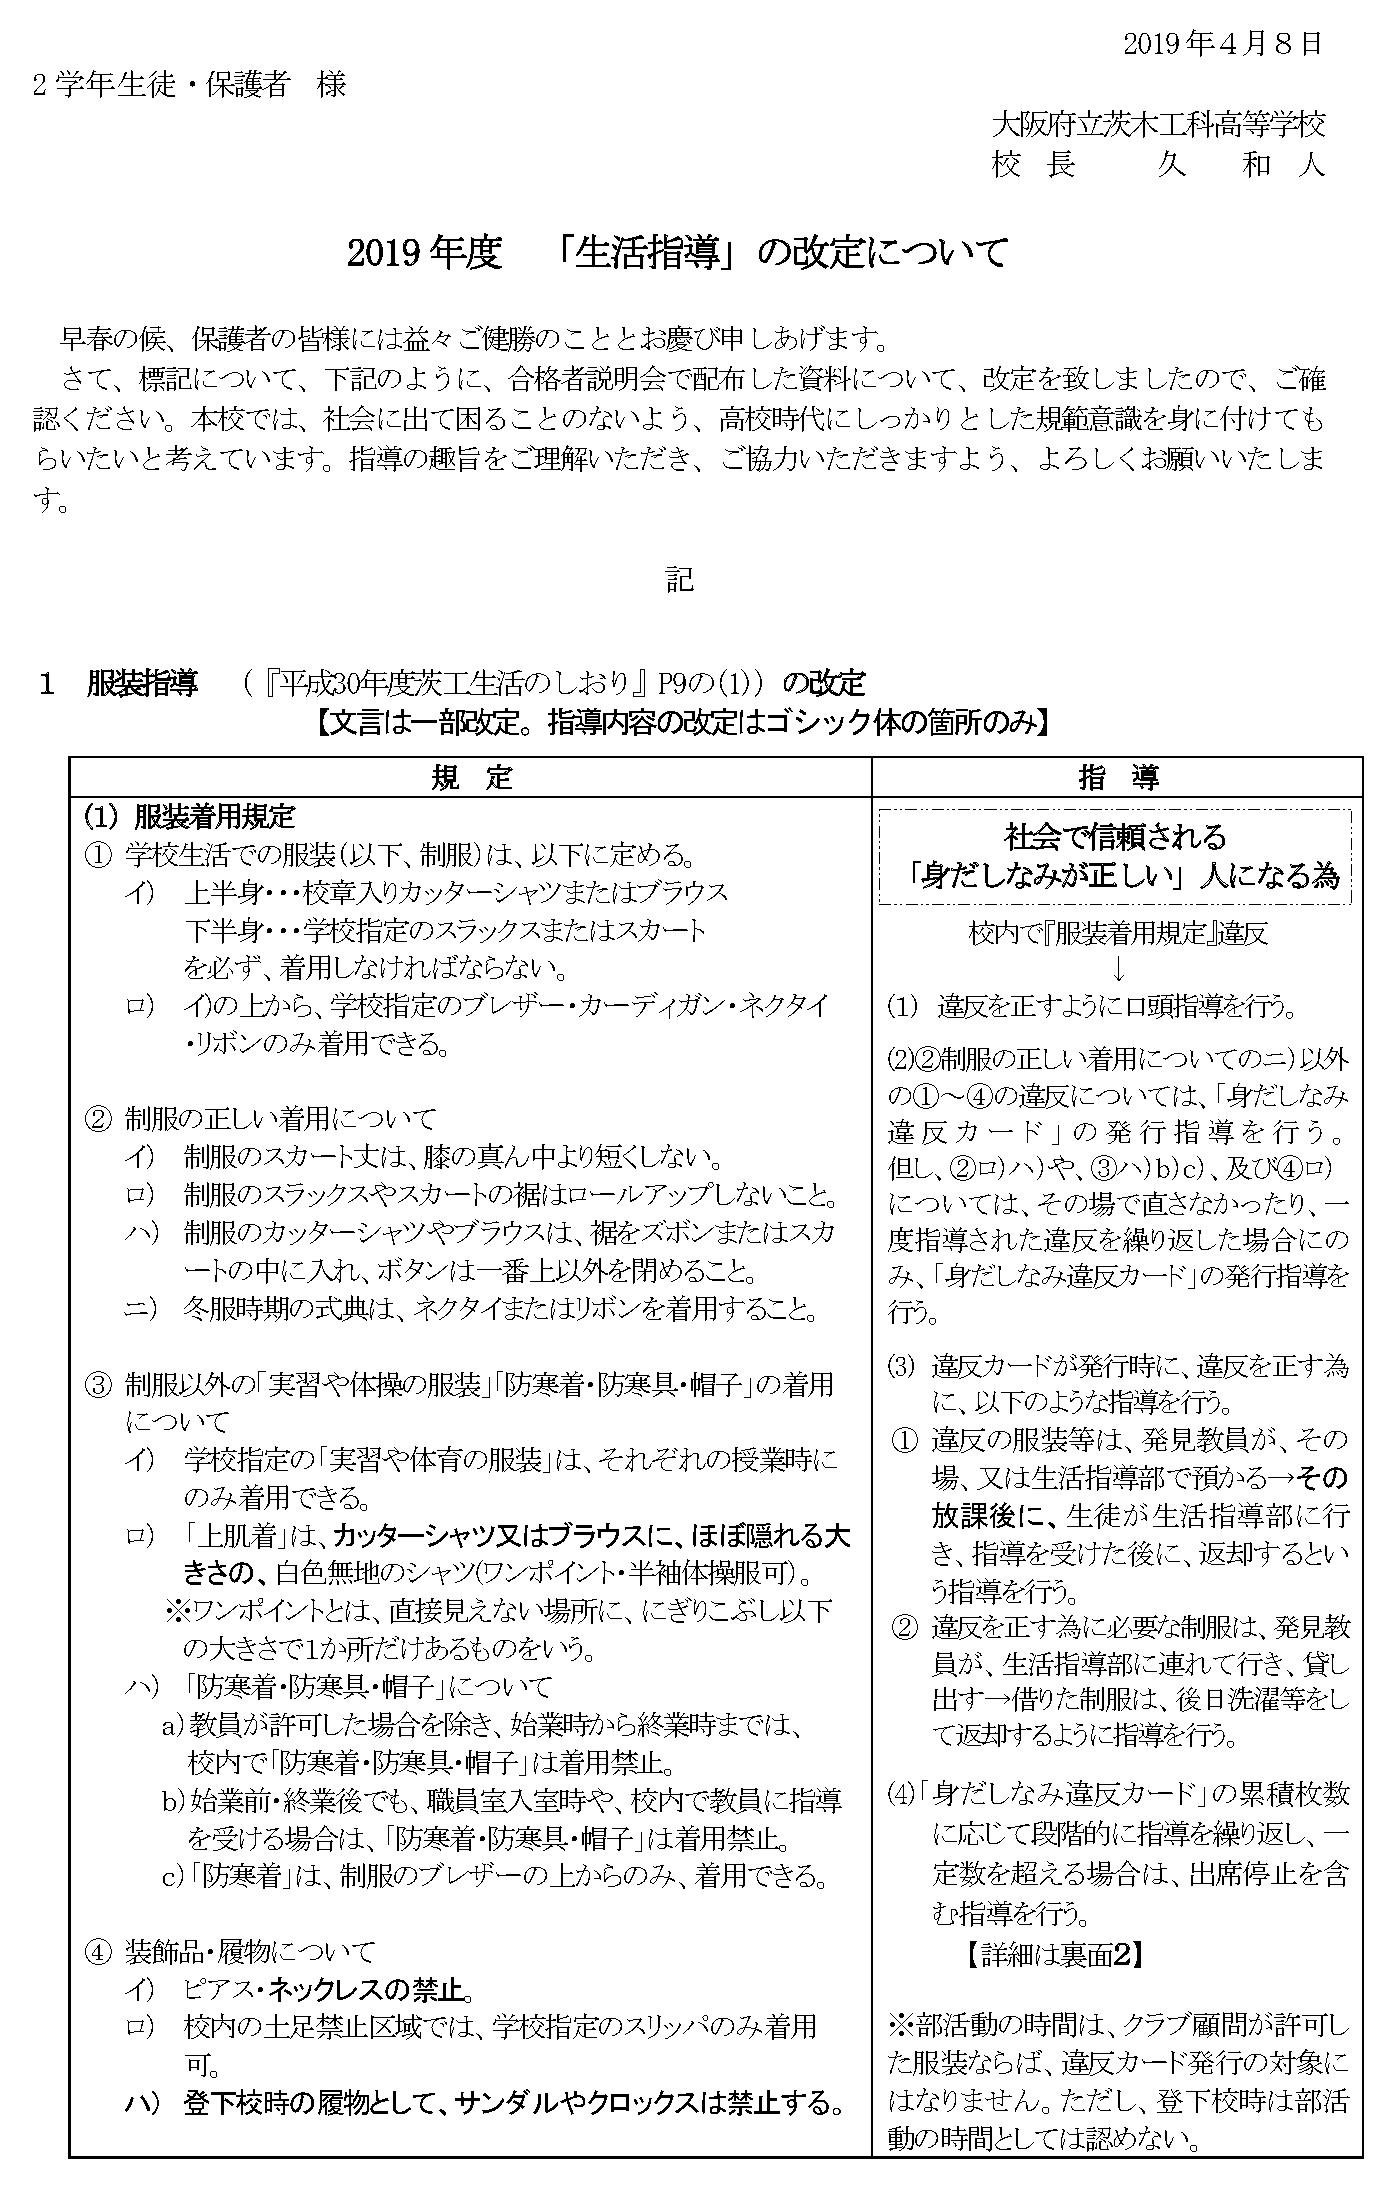 2年保護者宛2019保生活指導の改定1